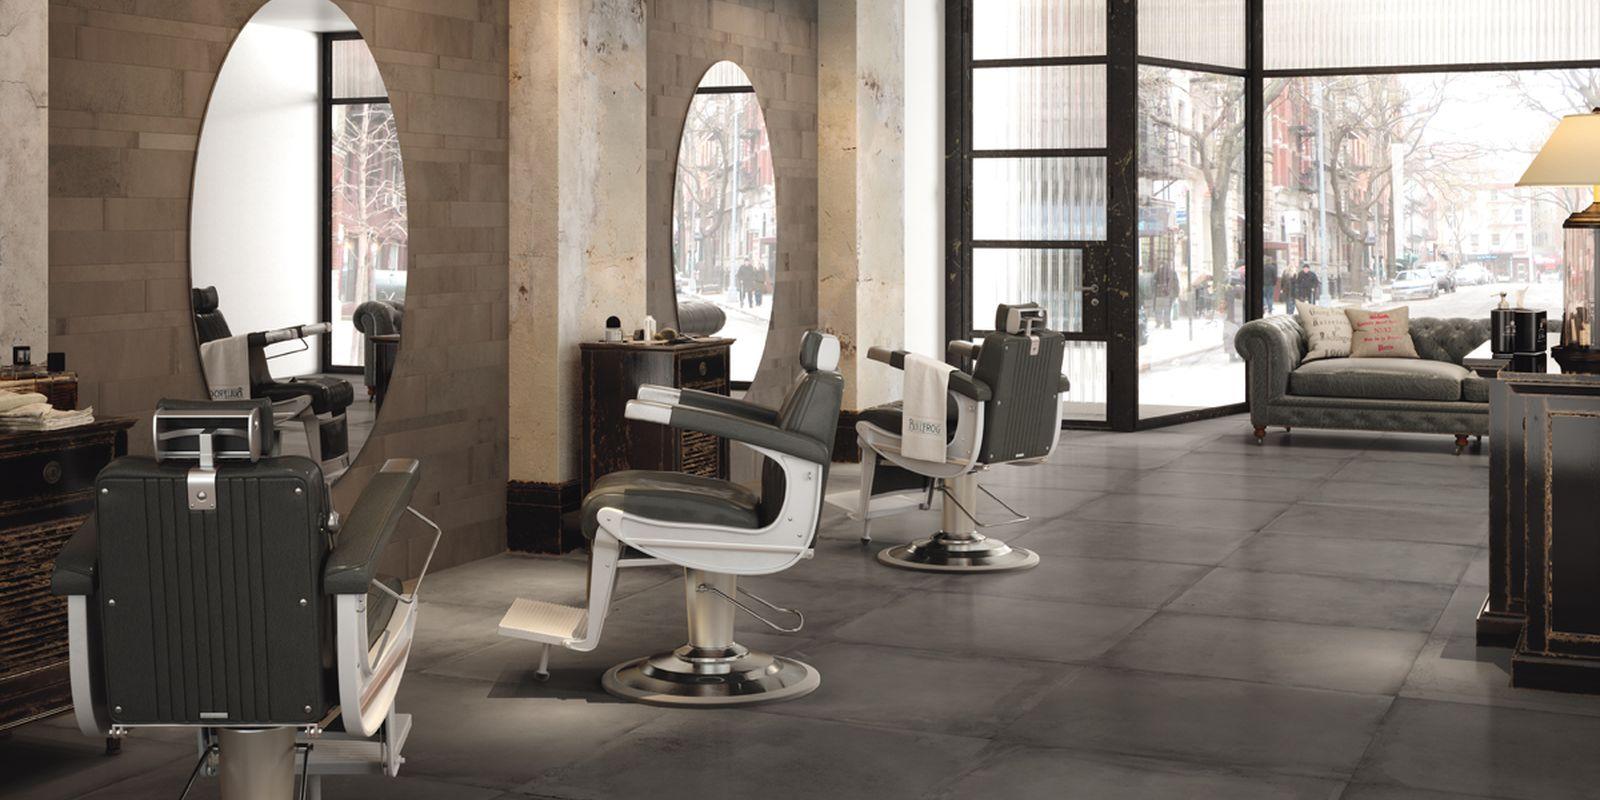 een stijlvolle en rustgevende badkamerwoonruimte kunt u ook creren met donkere tegels